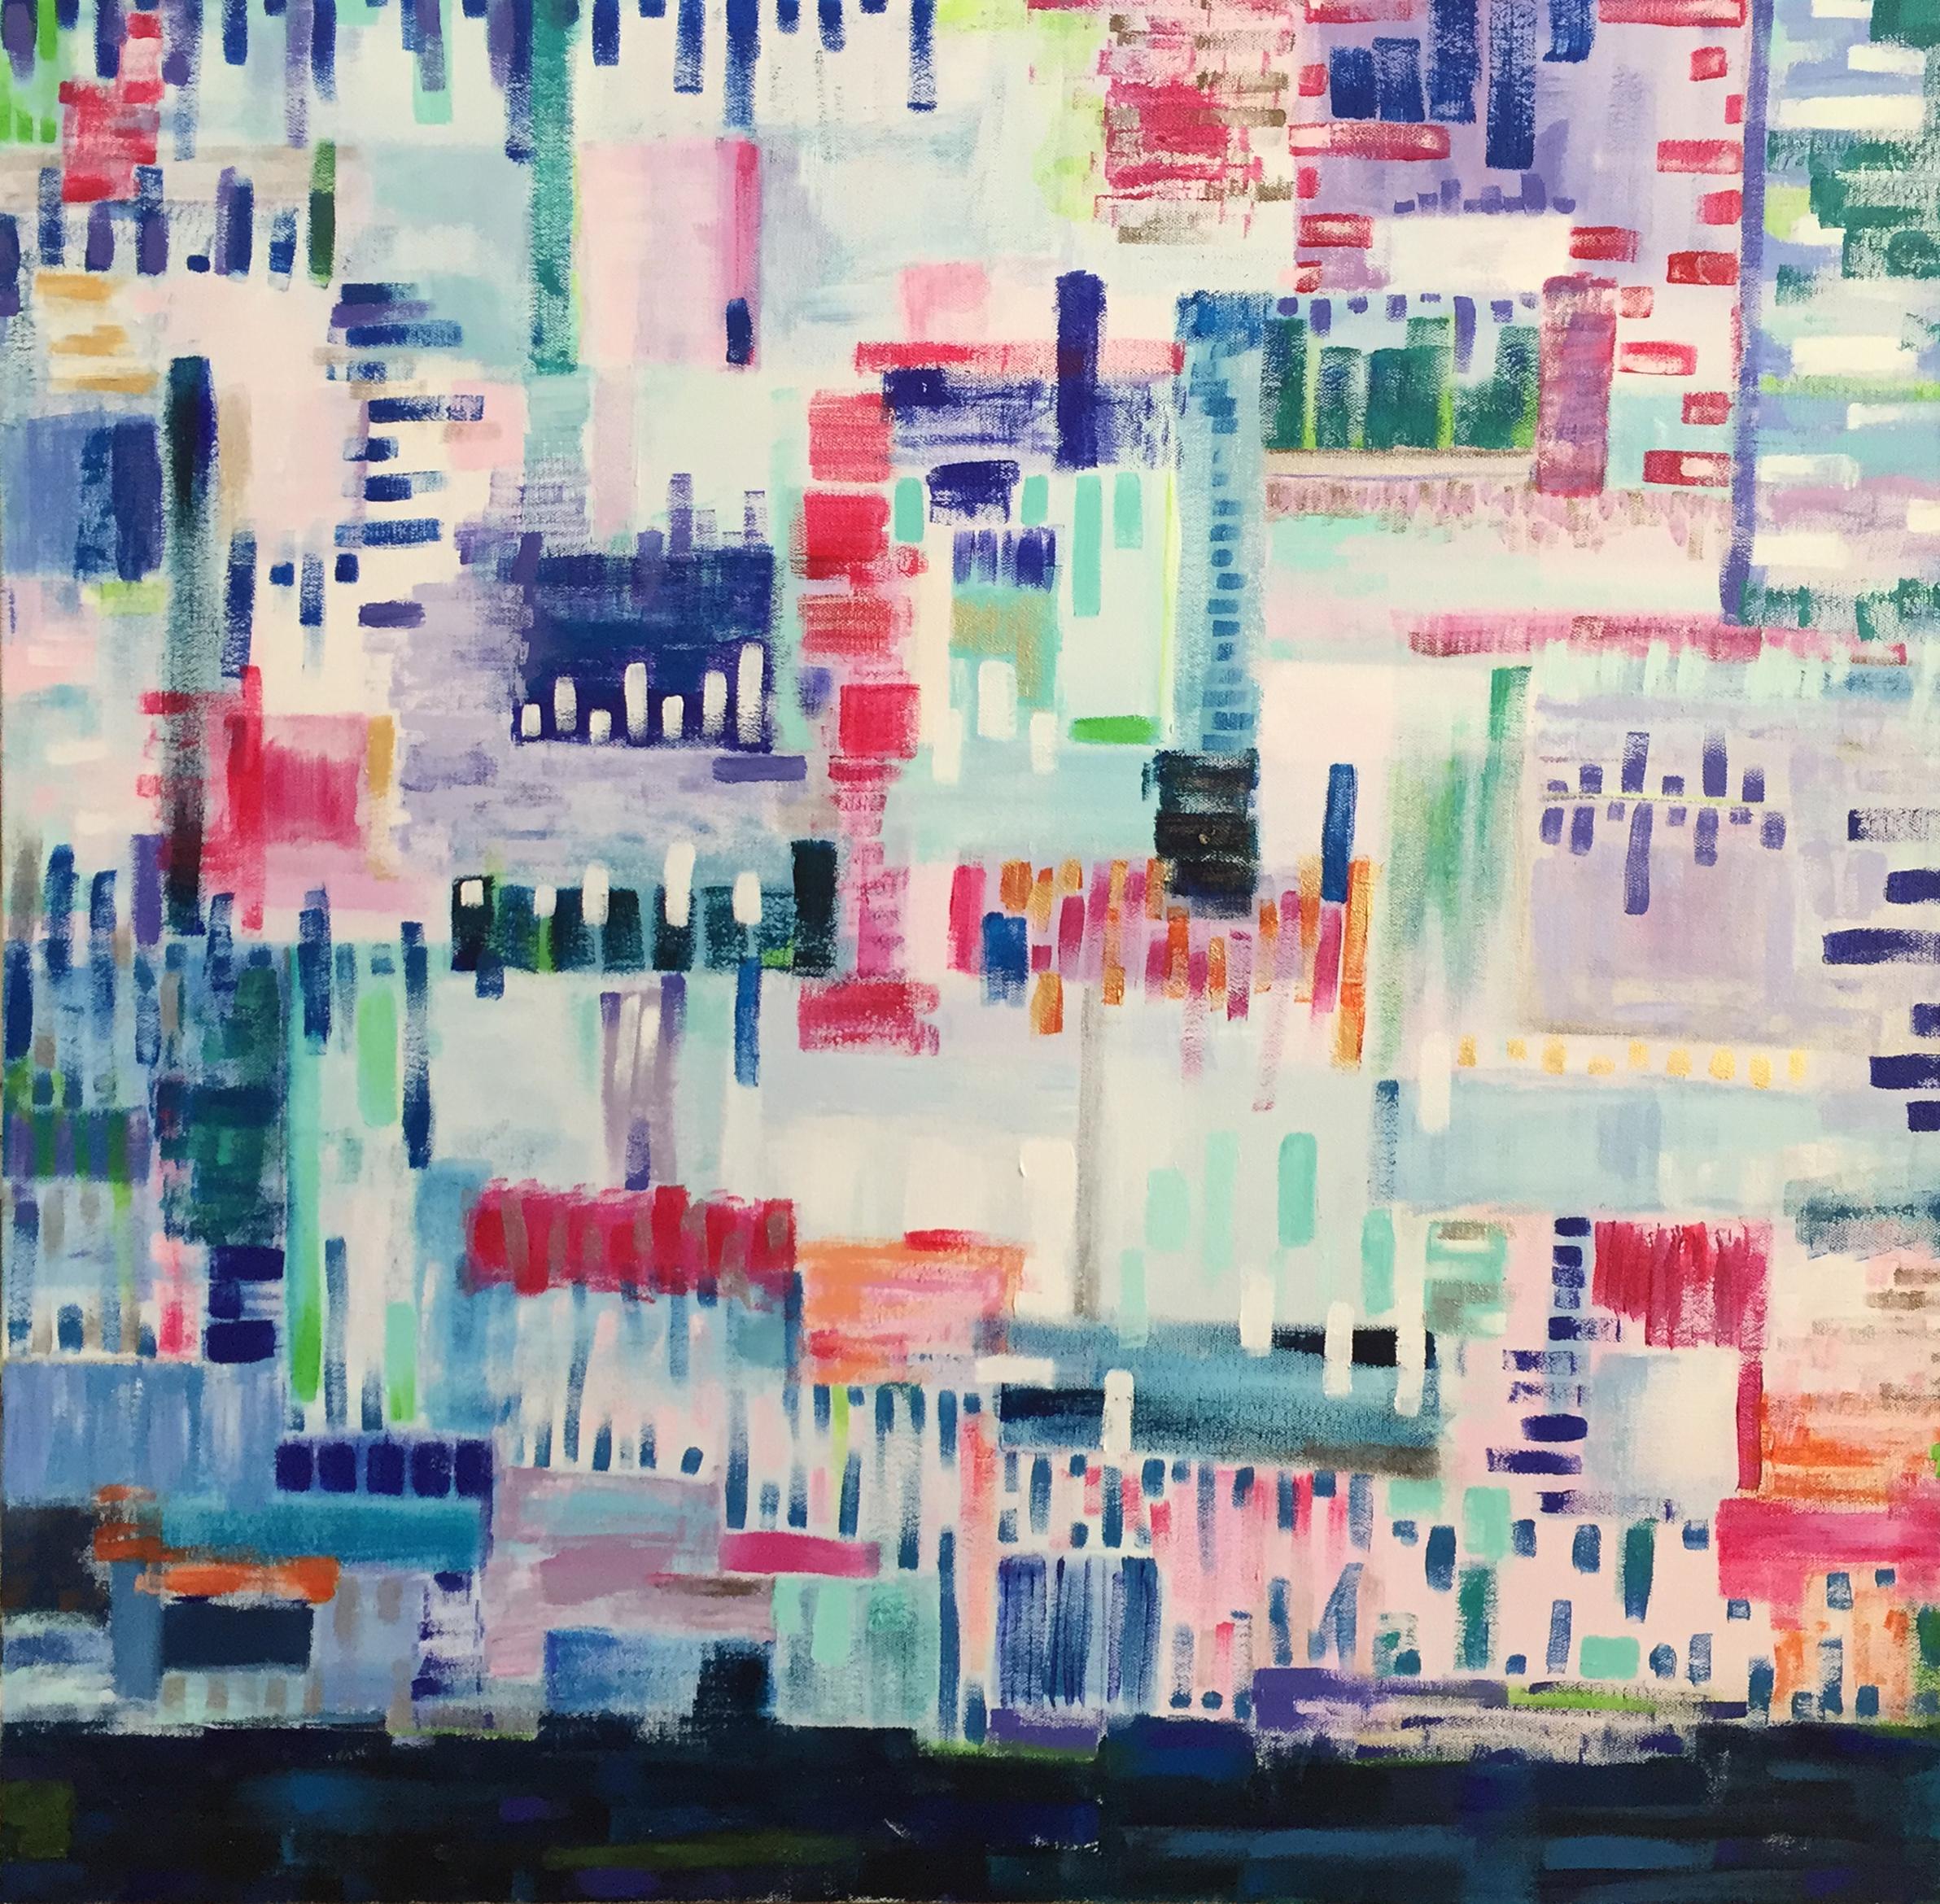 sea cliff city, 30 x 30, acrylic on canvas